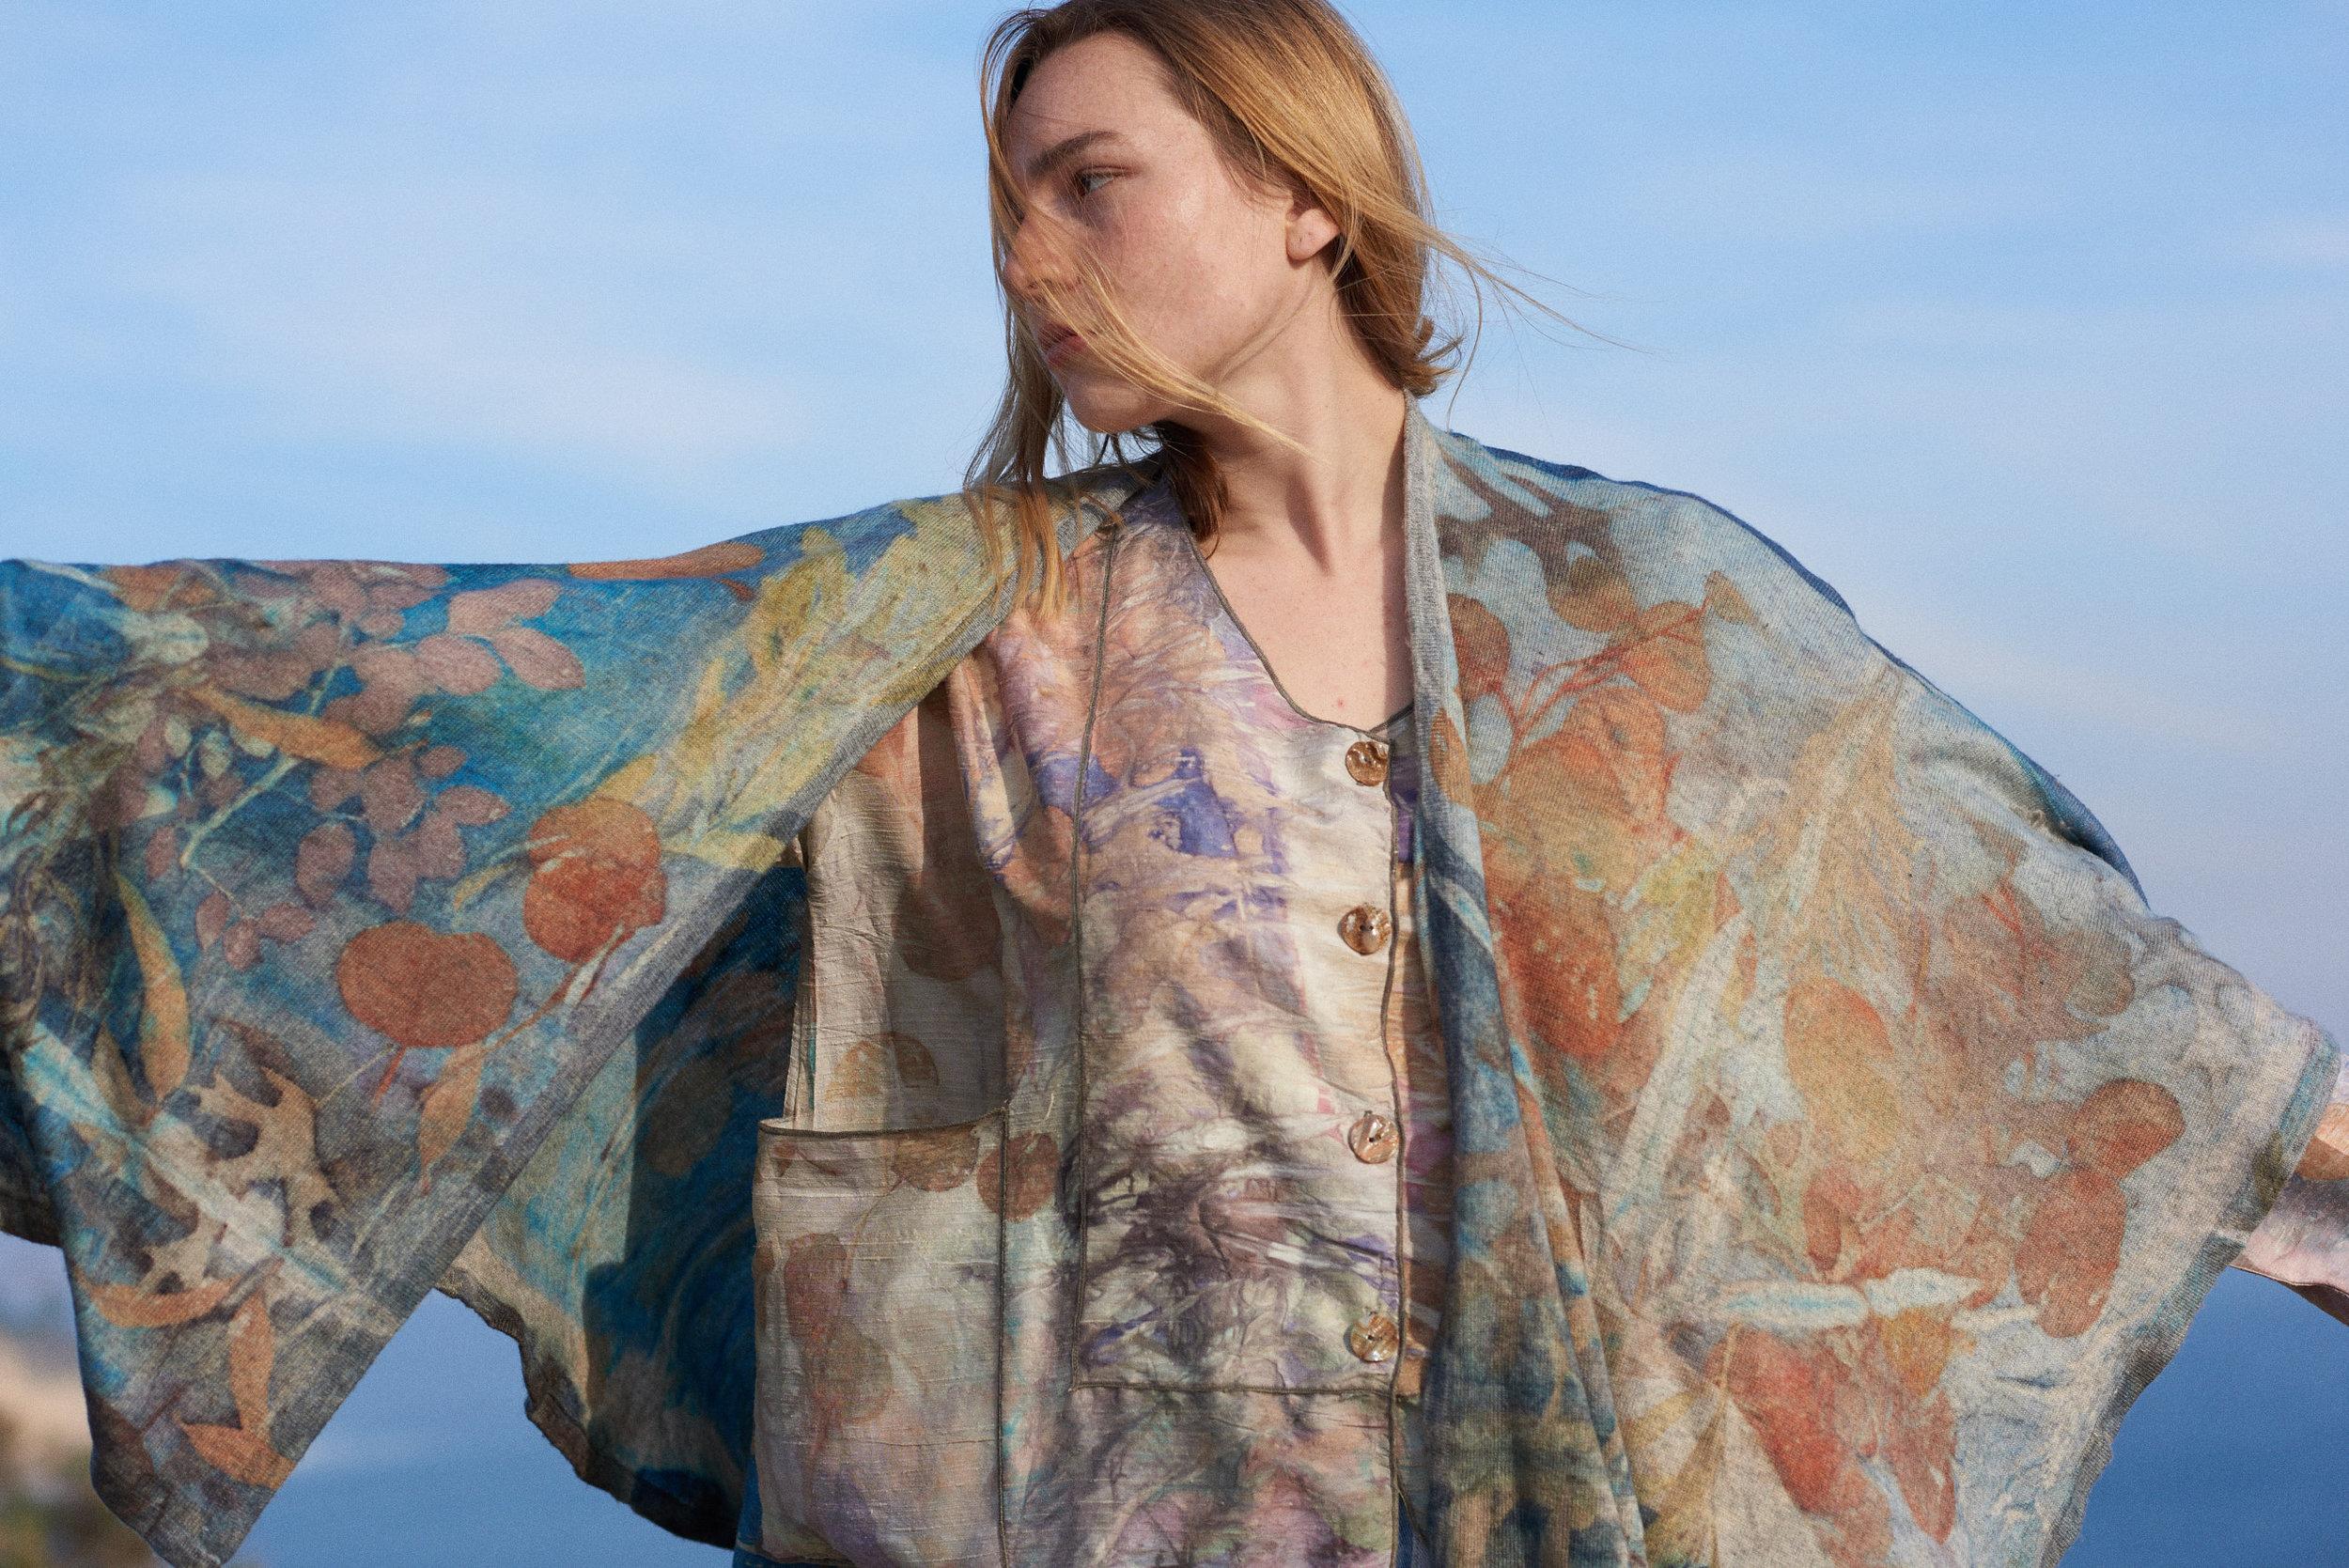 Eco Dye Silk Jacket Shirt, Eco Dye Cashmere Kimono Cape